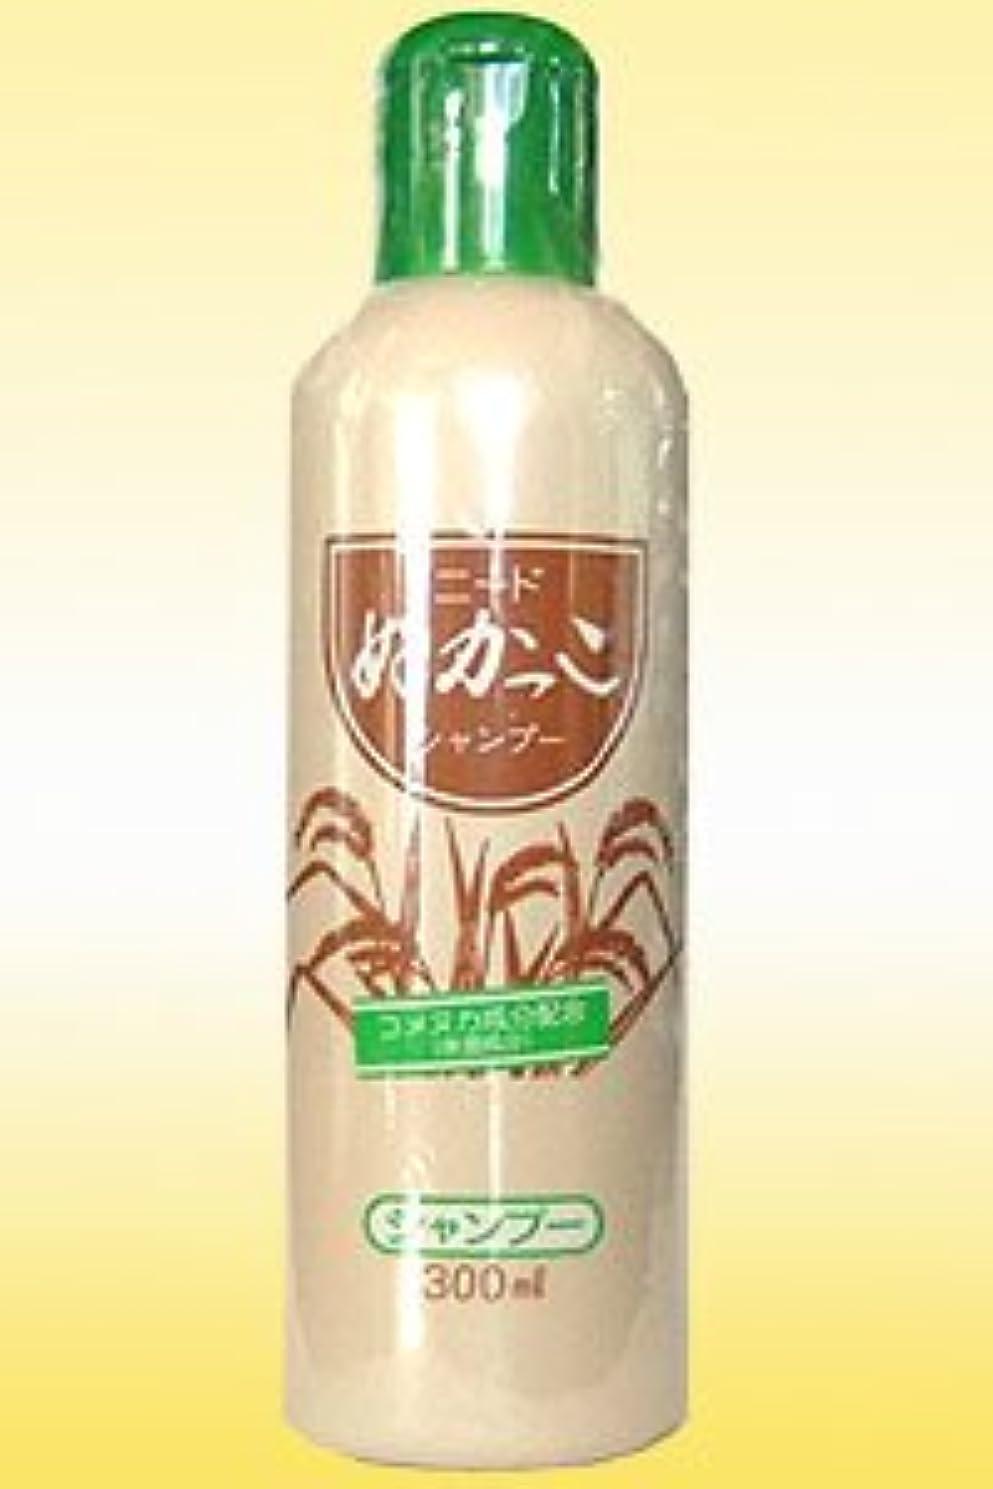 肌寒い識字パスニードぬかっこシャンプー(300ml)ニード洗粉をベースに、より米ぬかの特長を生かした自然派化粧品